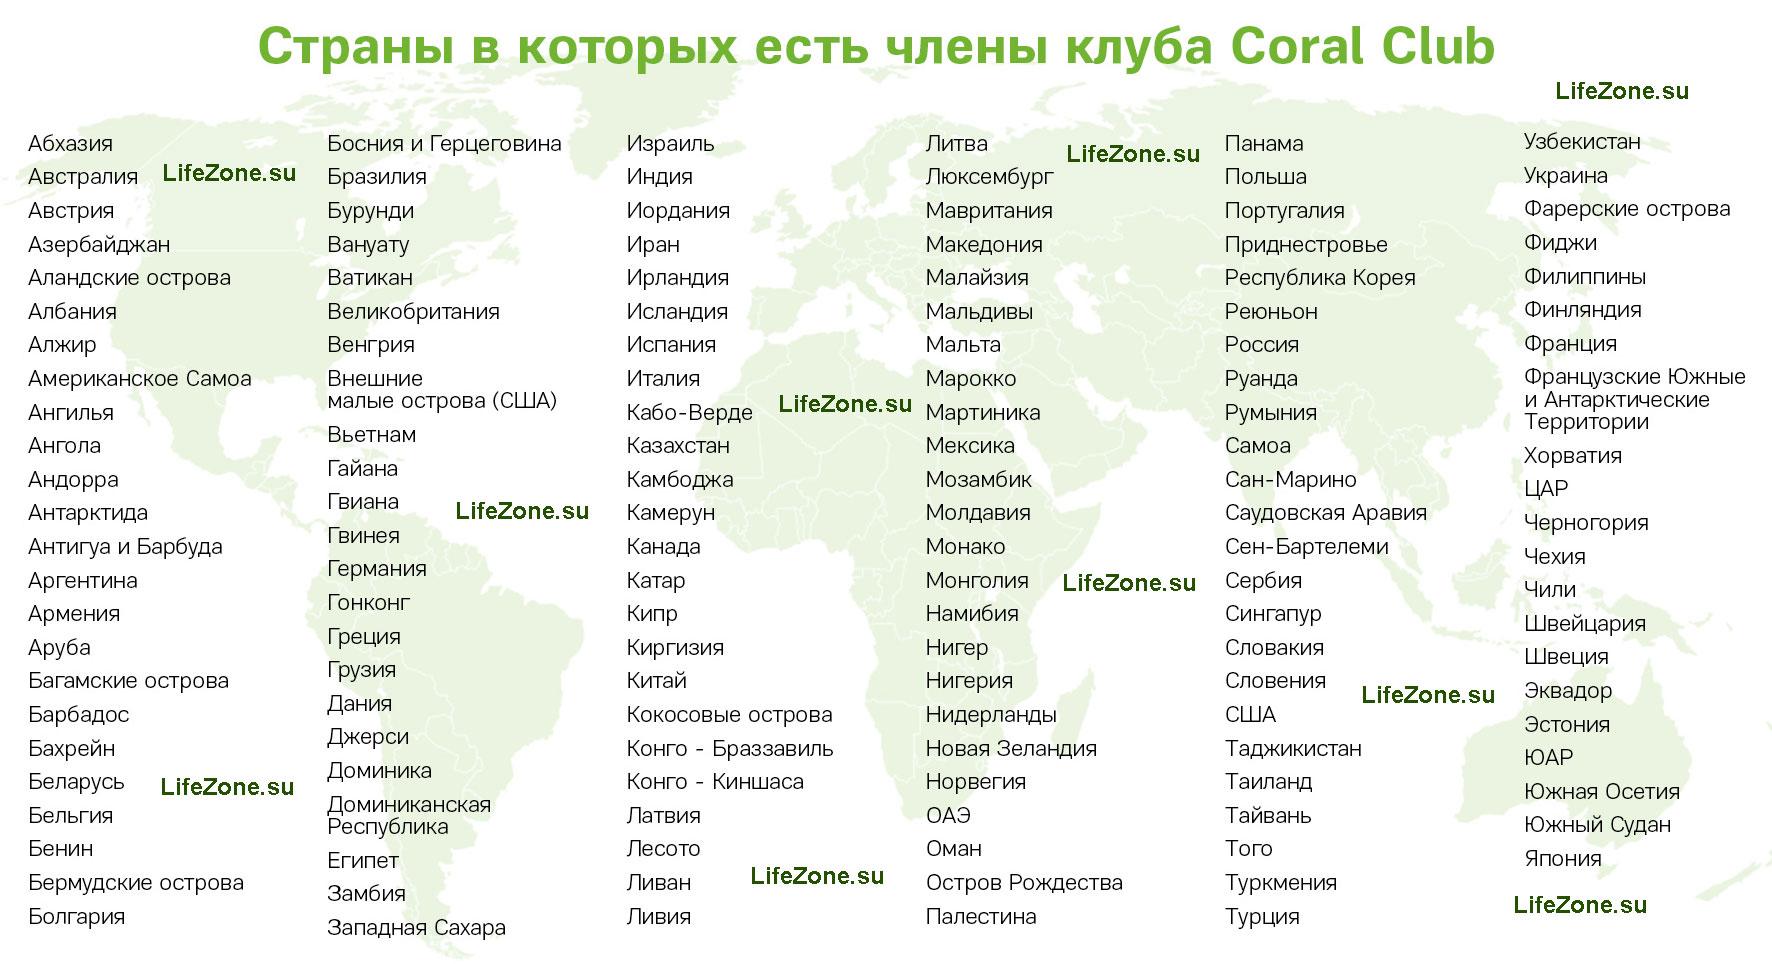 Страны, в которых уже есть члены кораллового клуба Coral Club